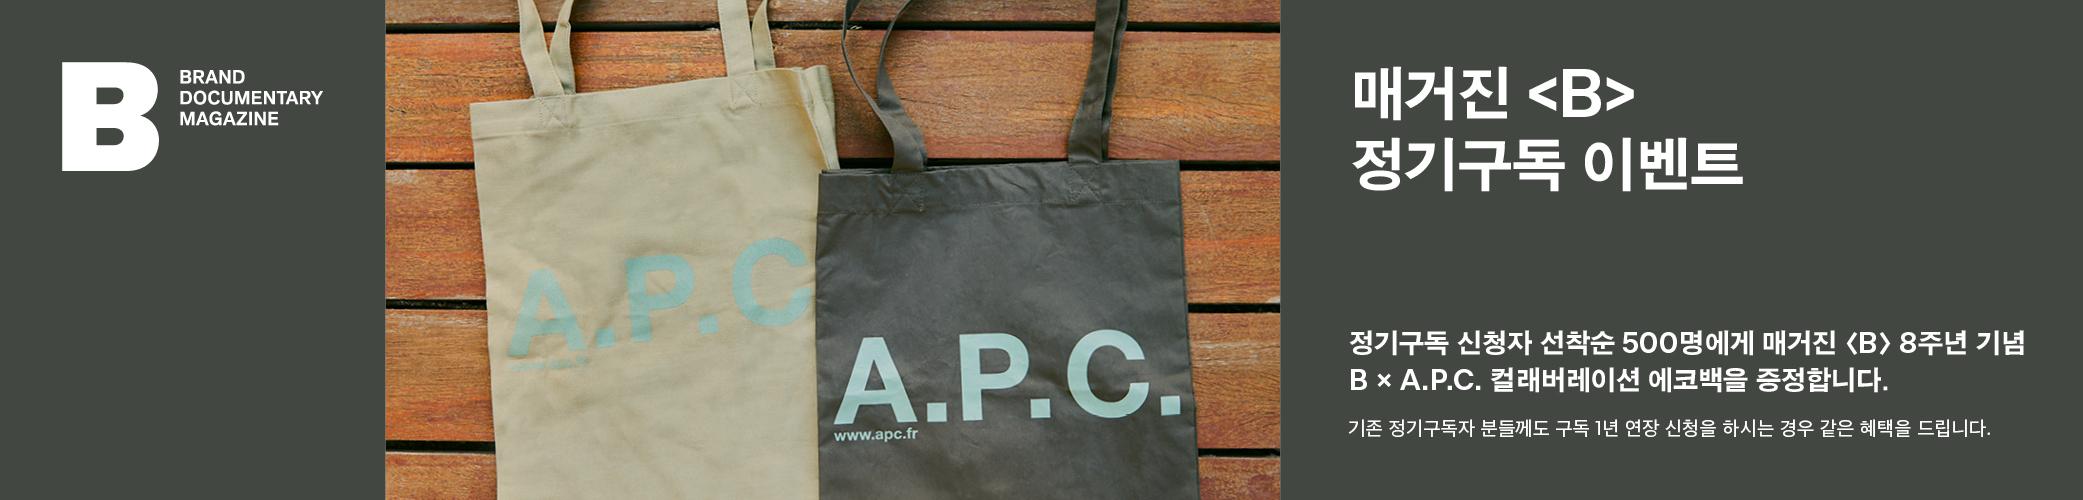 매거진B A.P.C 사은품